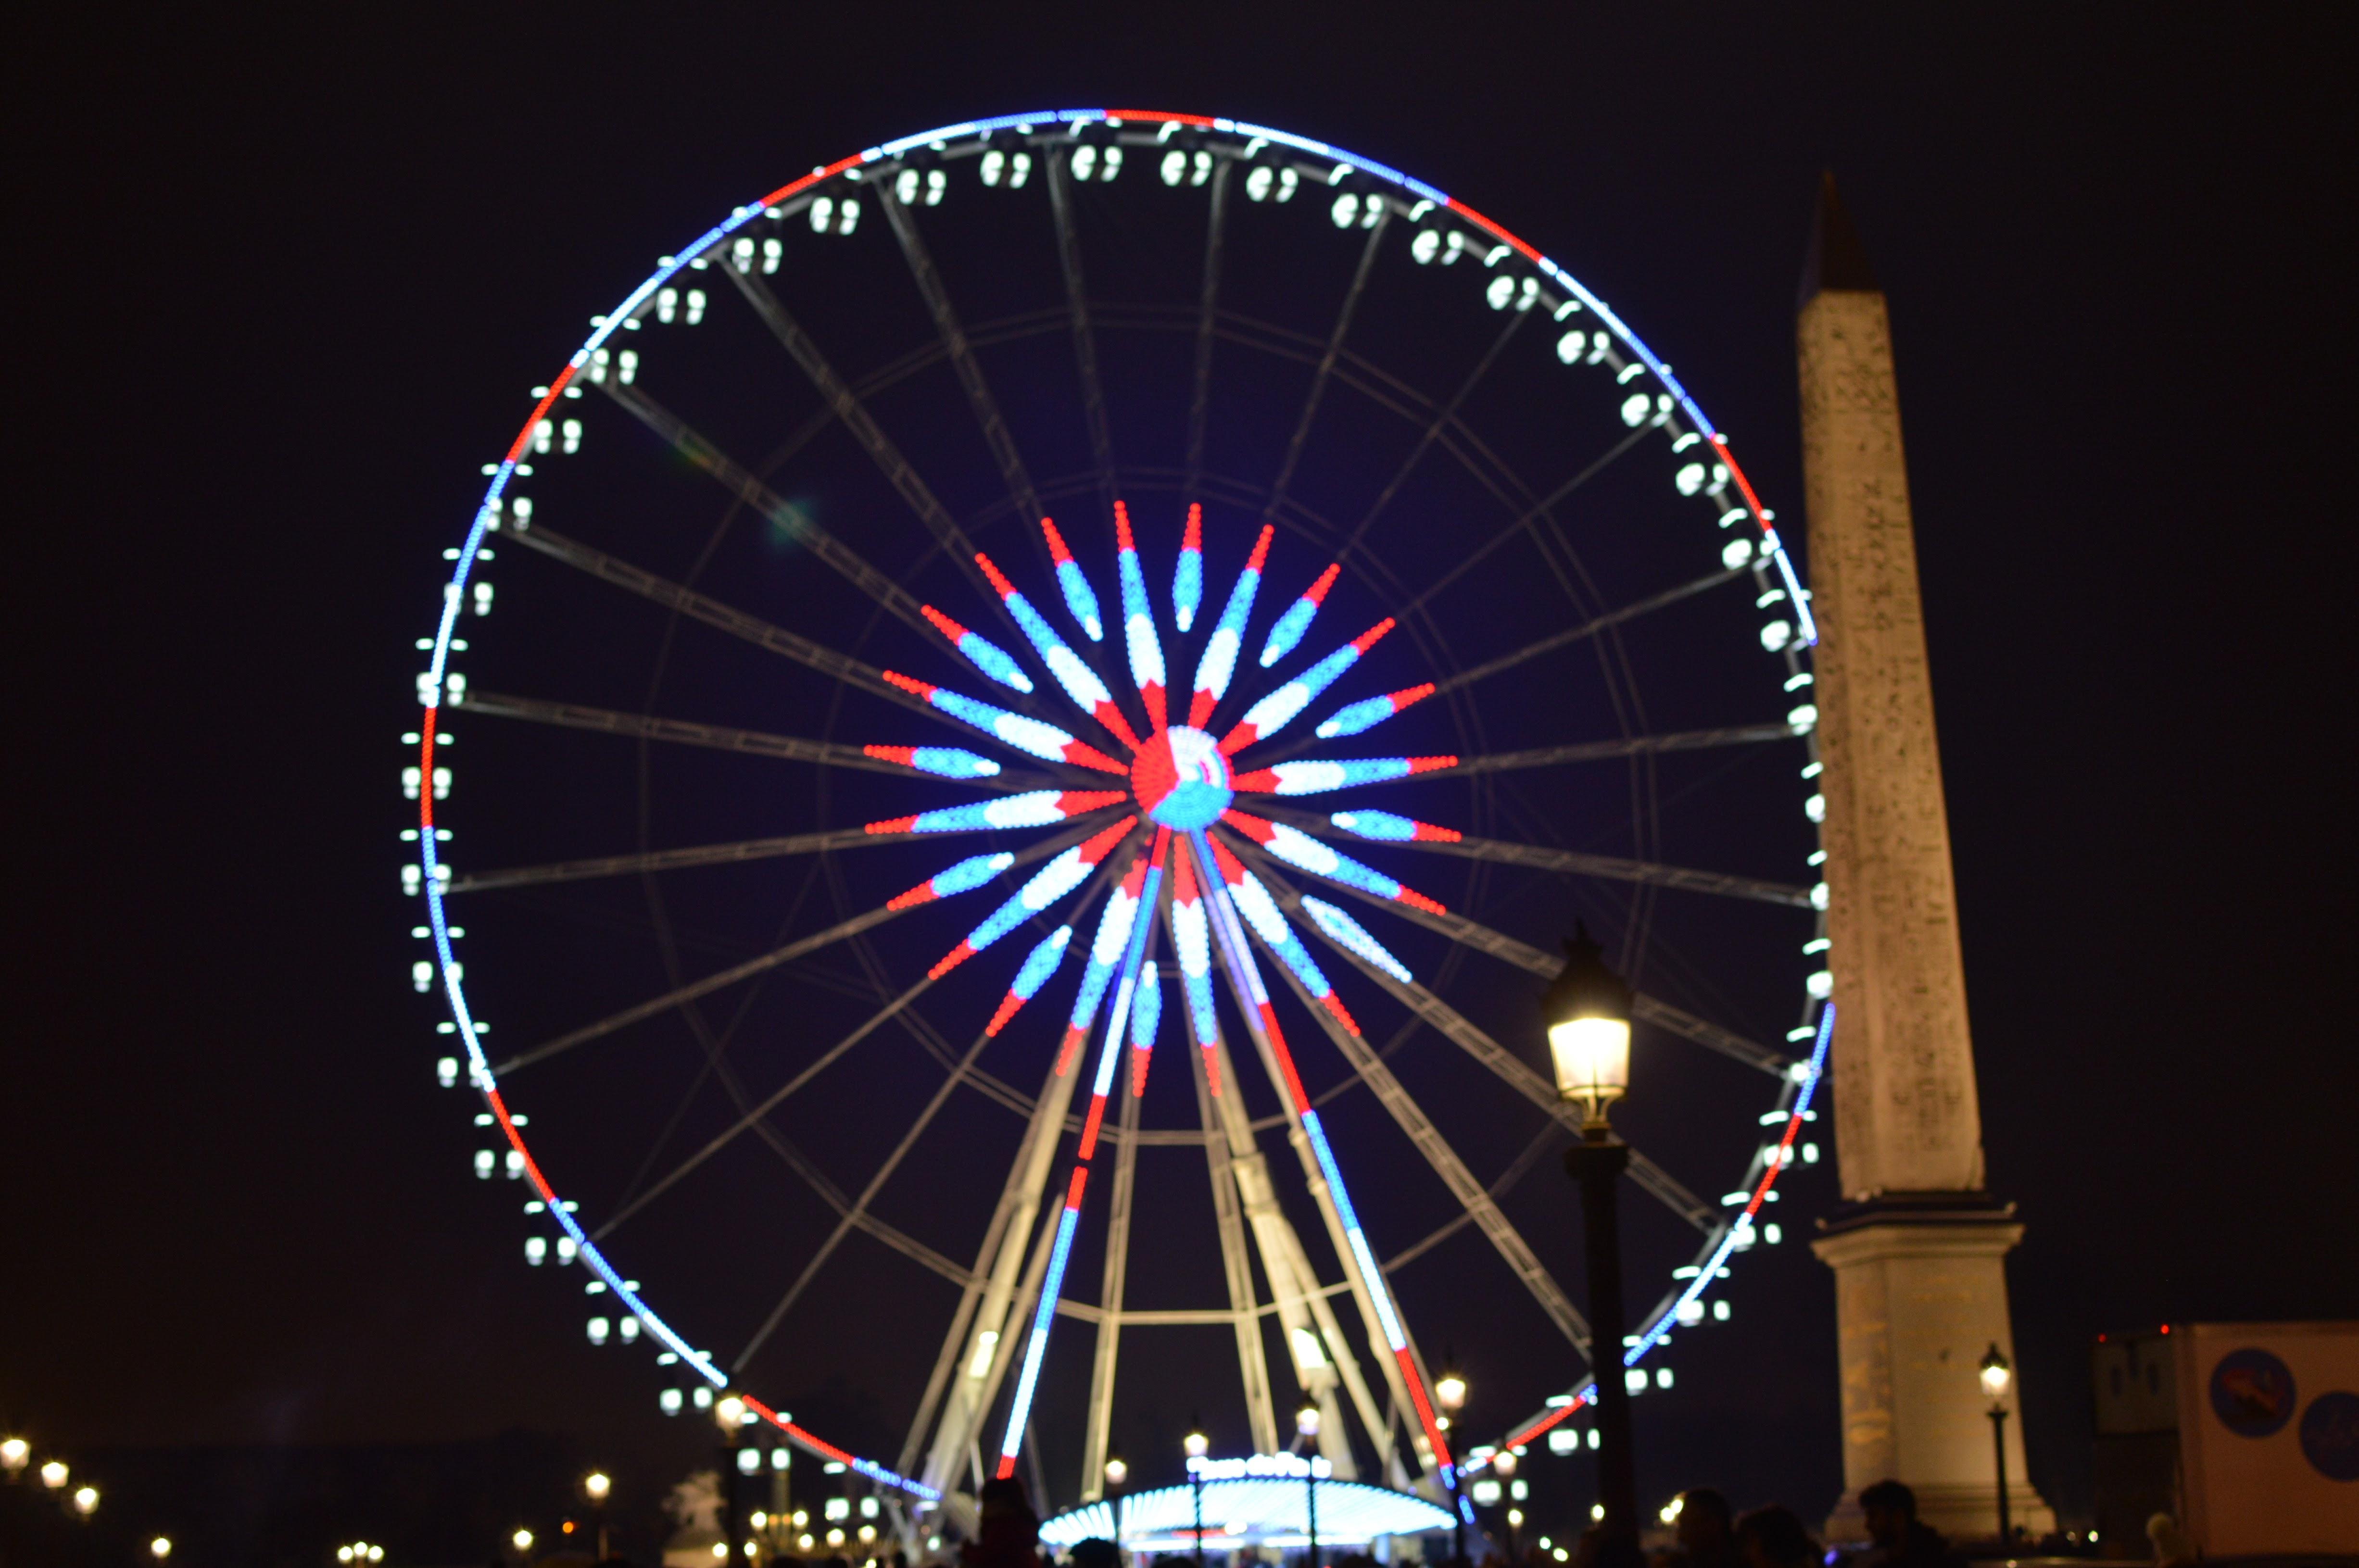 Grande roue, place de la Concorde à Paris – Hélène Muckensturm – Voyages ici et ailleurs